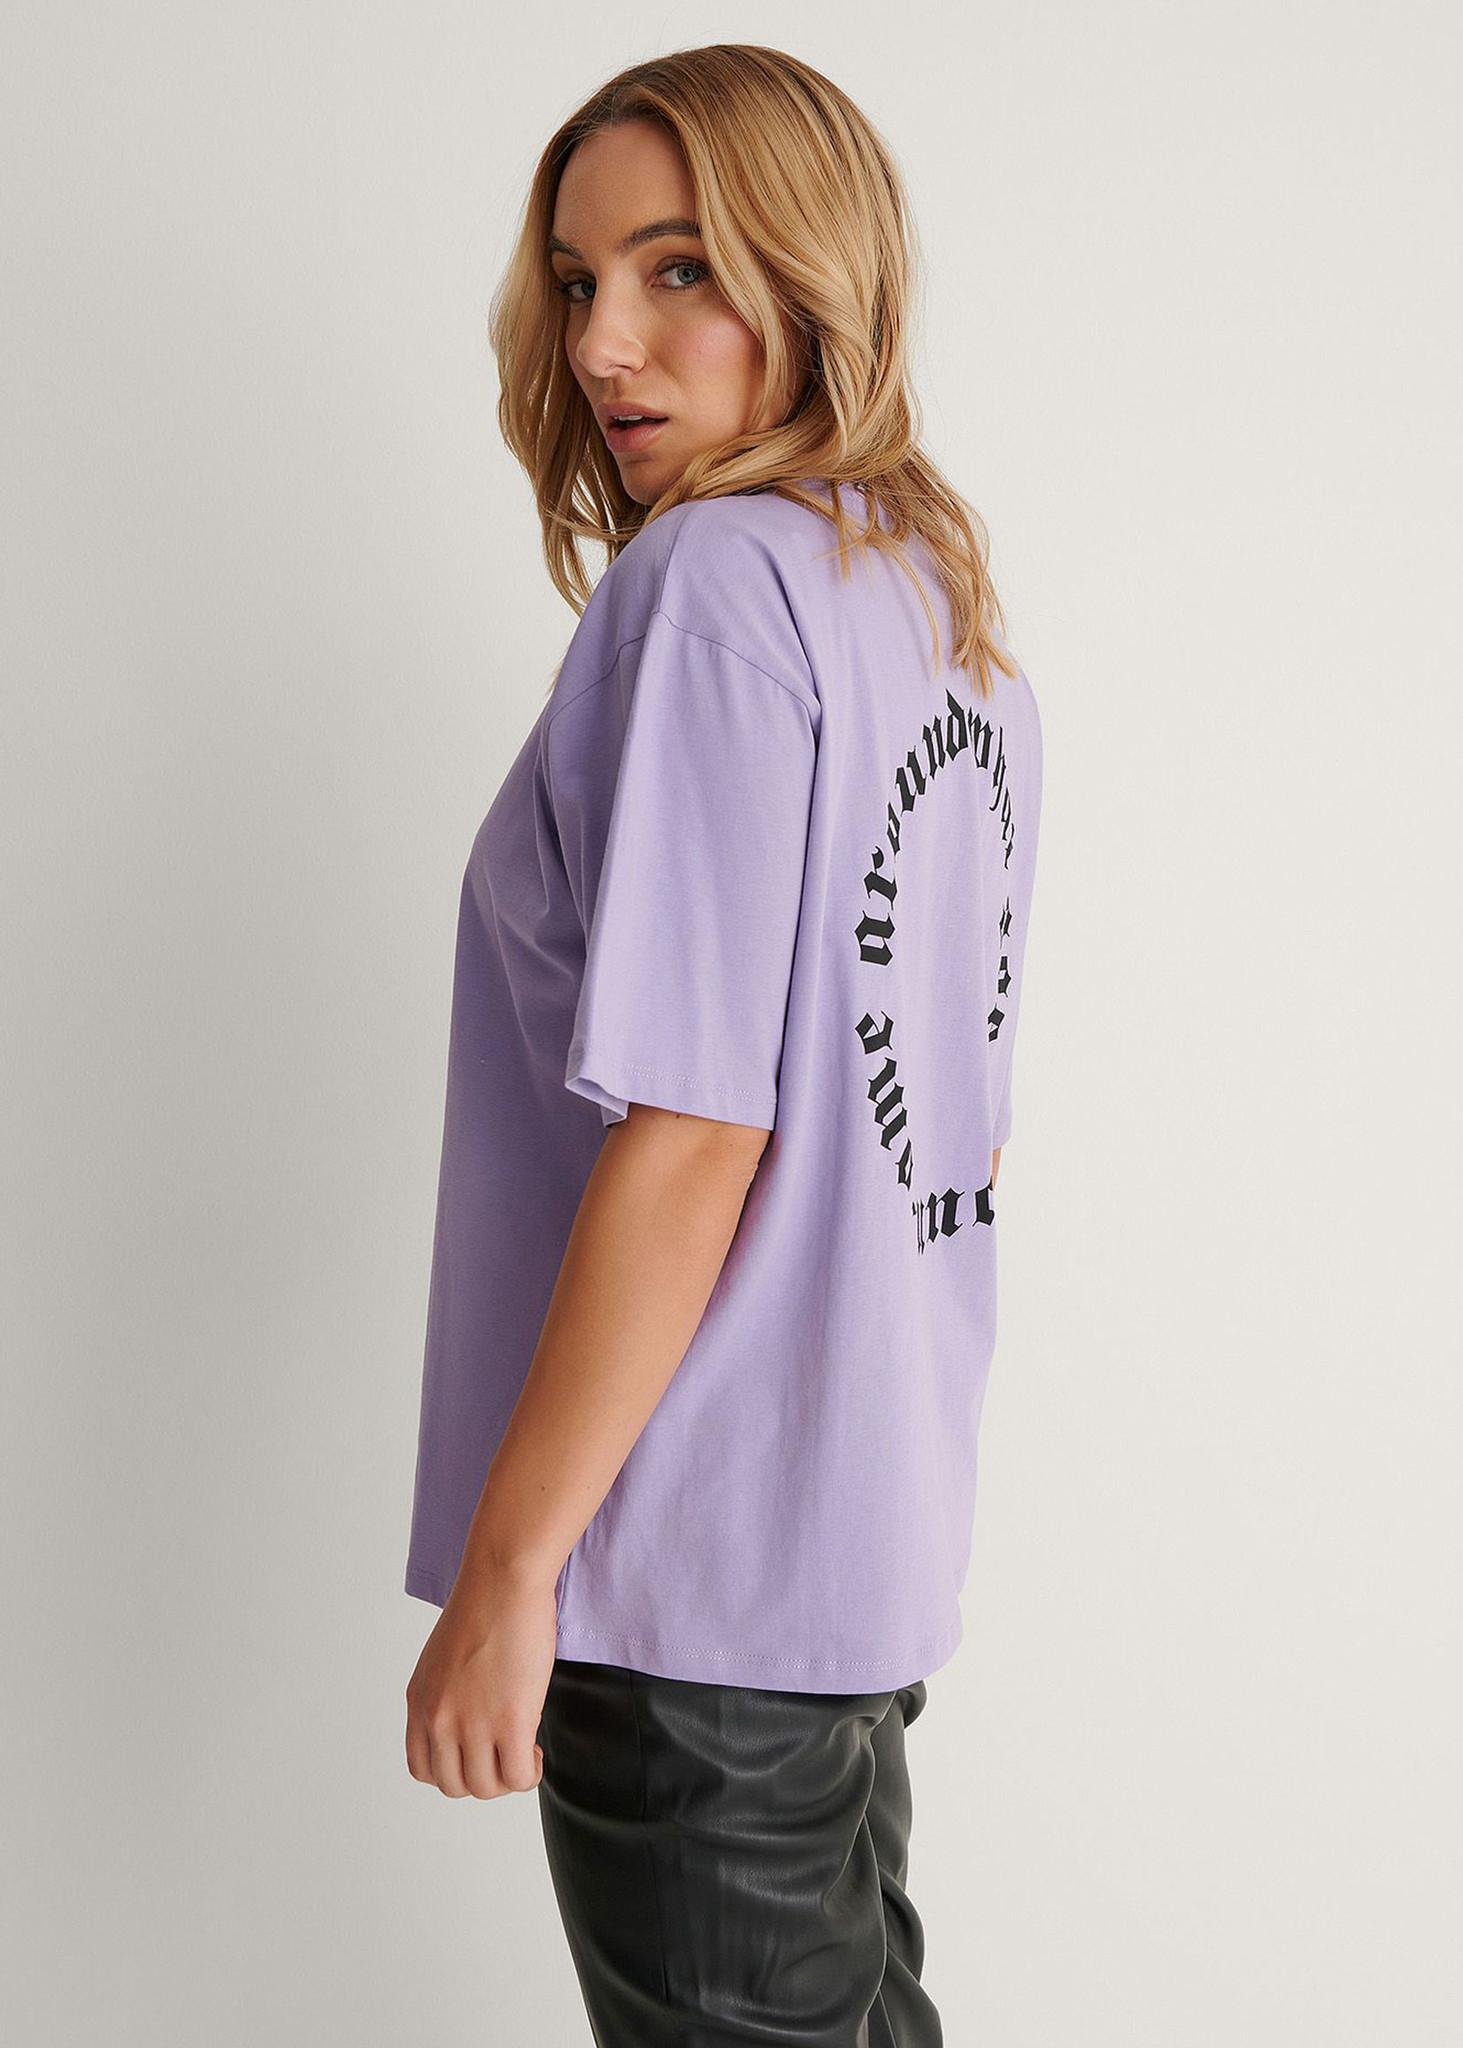 Karma Printed T-shirt Purple-3